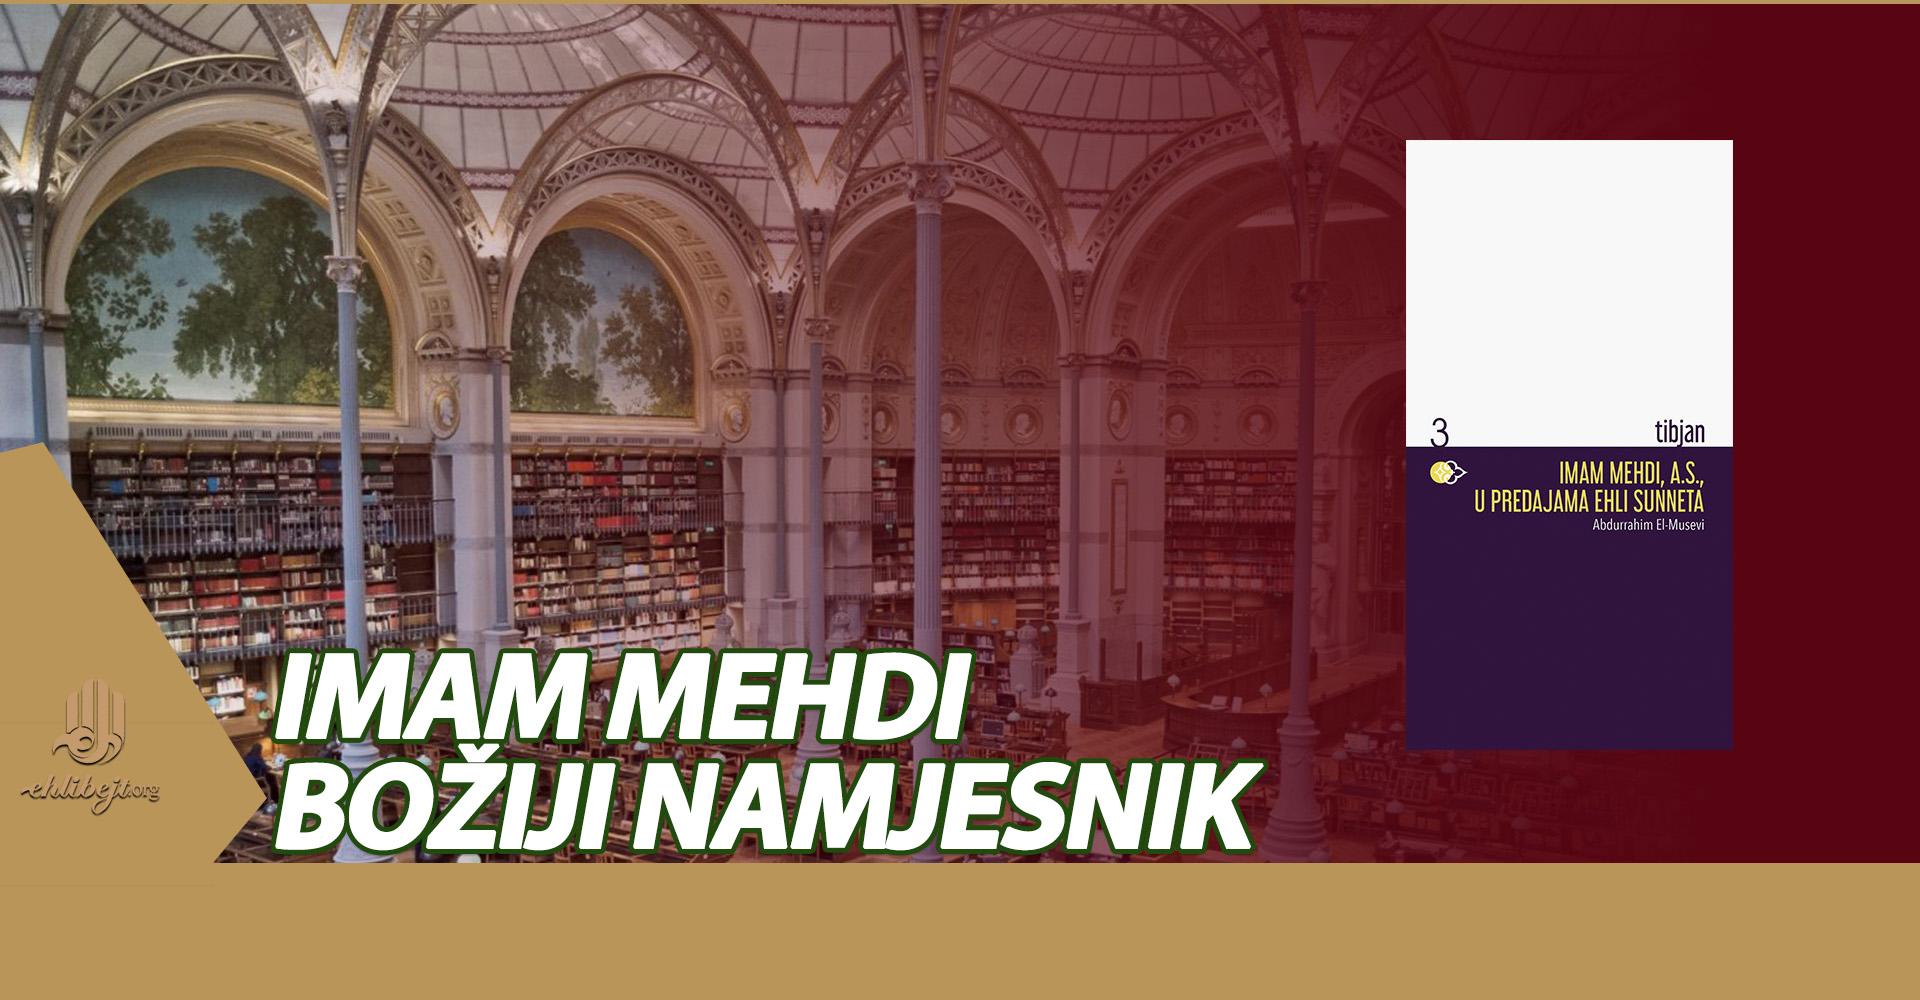 Imam Mehdi, a.s., u predajama ehli sunneta (VII)